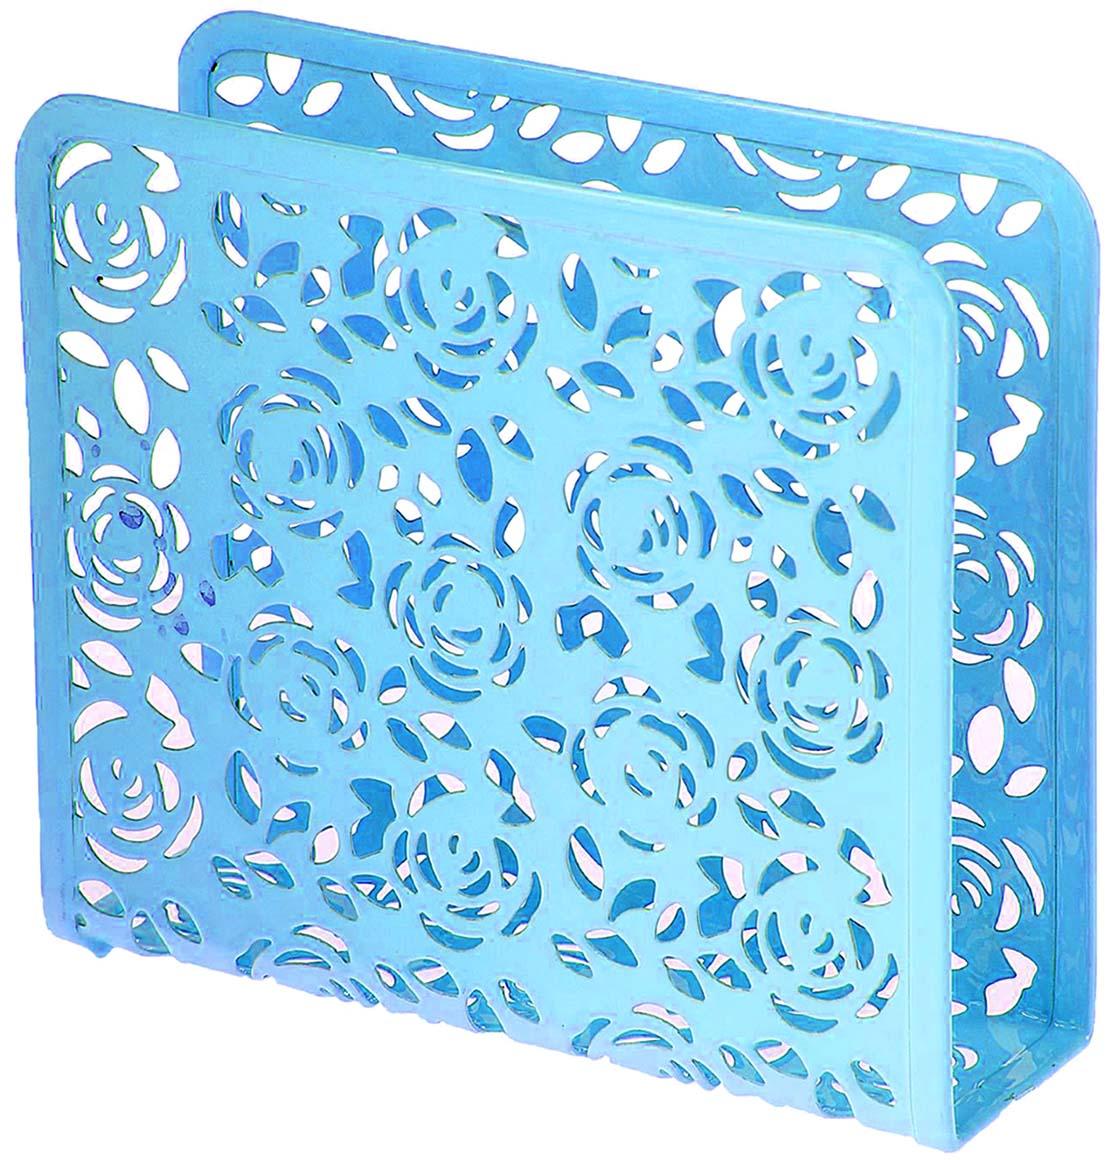 Салфетница Доляна Розы, цвет: голубой, 15 х 5 х 13,5 см1476616_голубойСалфетница - это обязательный предмет сервировки, а подобранная со вкусом и изяществом -это еще и декоративный элемент, отвечающий за эстетическую наполненность каждой трапезы. Салфетница Розы своим неприхотливым, но чарующим дизайном украсит любую кухню!